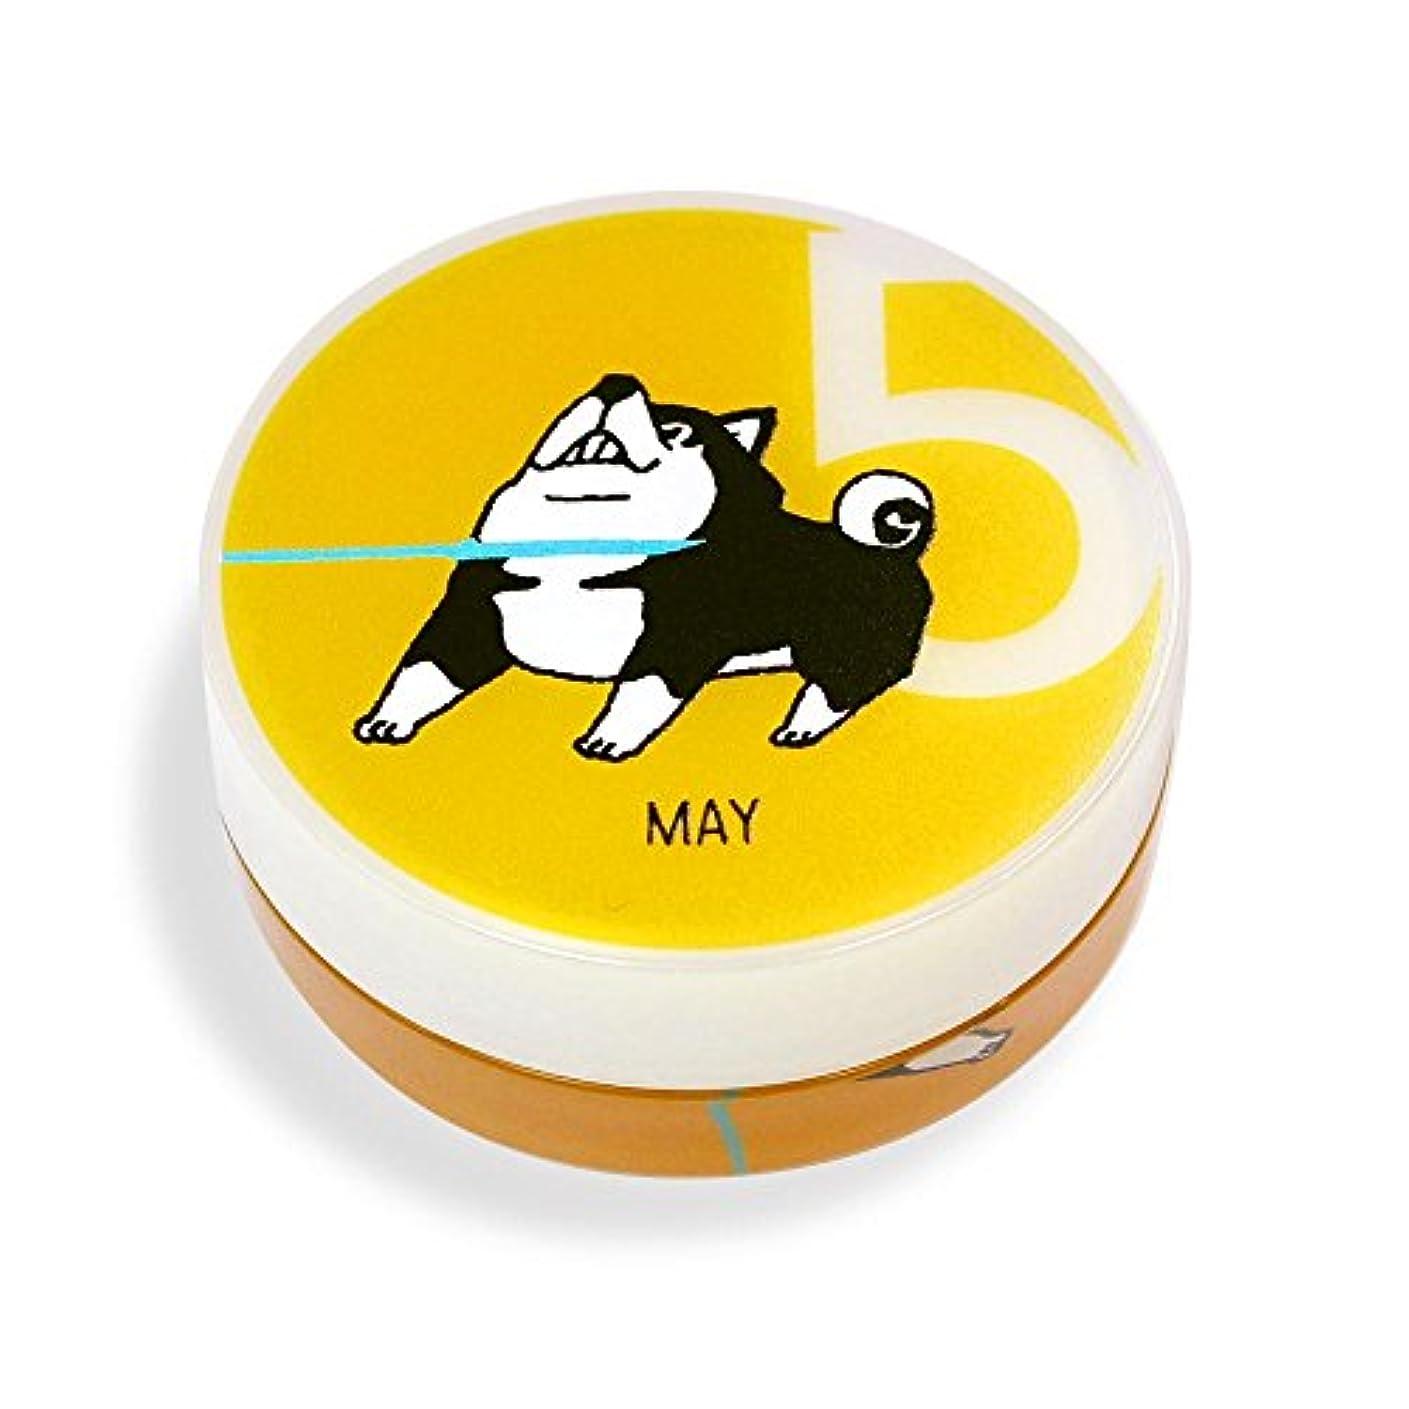 タイピスト酔うレモンしばんばん フルプルクリーム 誕生月シリーズ 5月 20g